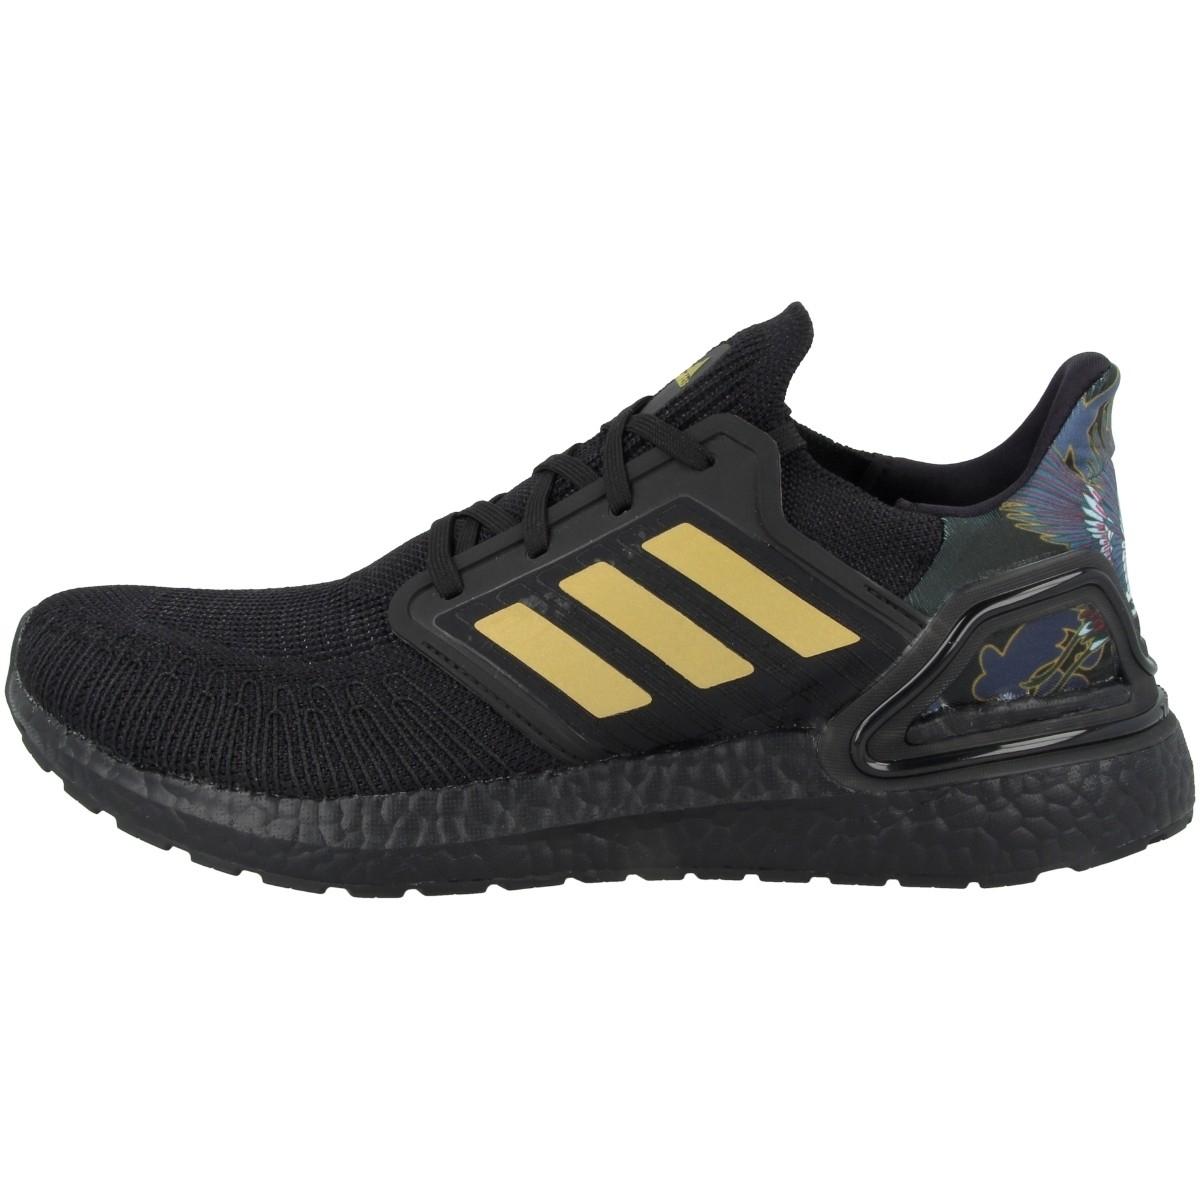 Adidas Ultraboost 20 Laufschuhe schwarz 40, 42 2/3 und 43 1/3